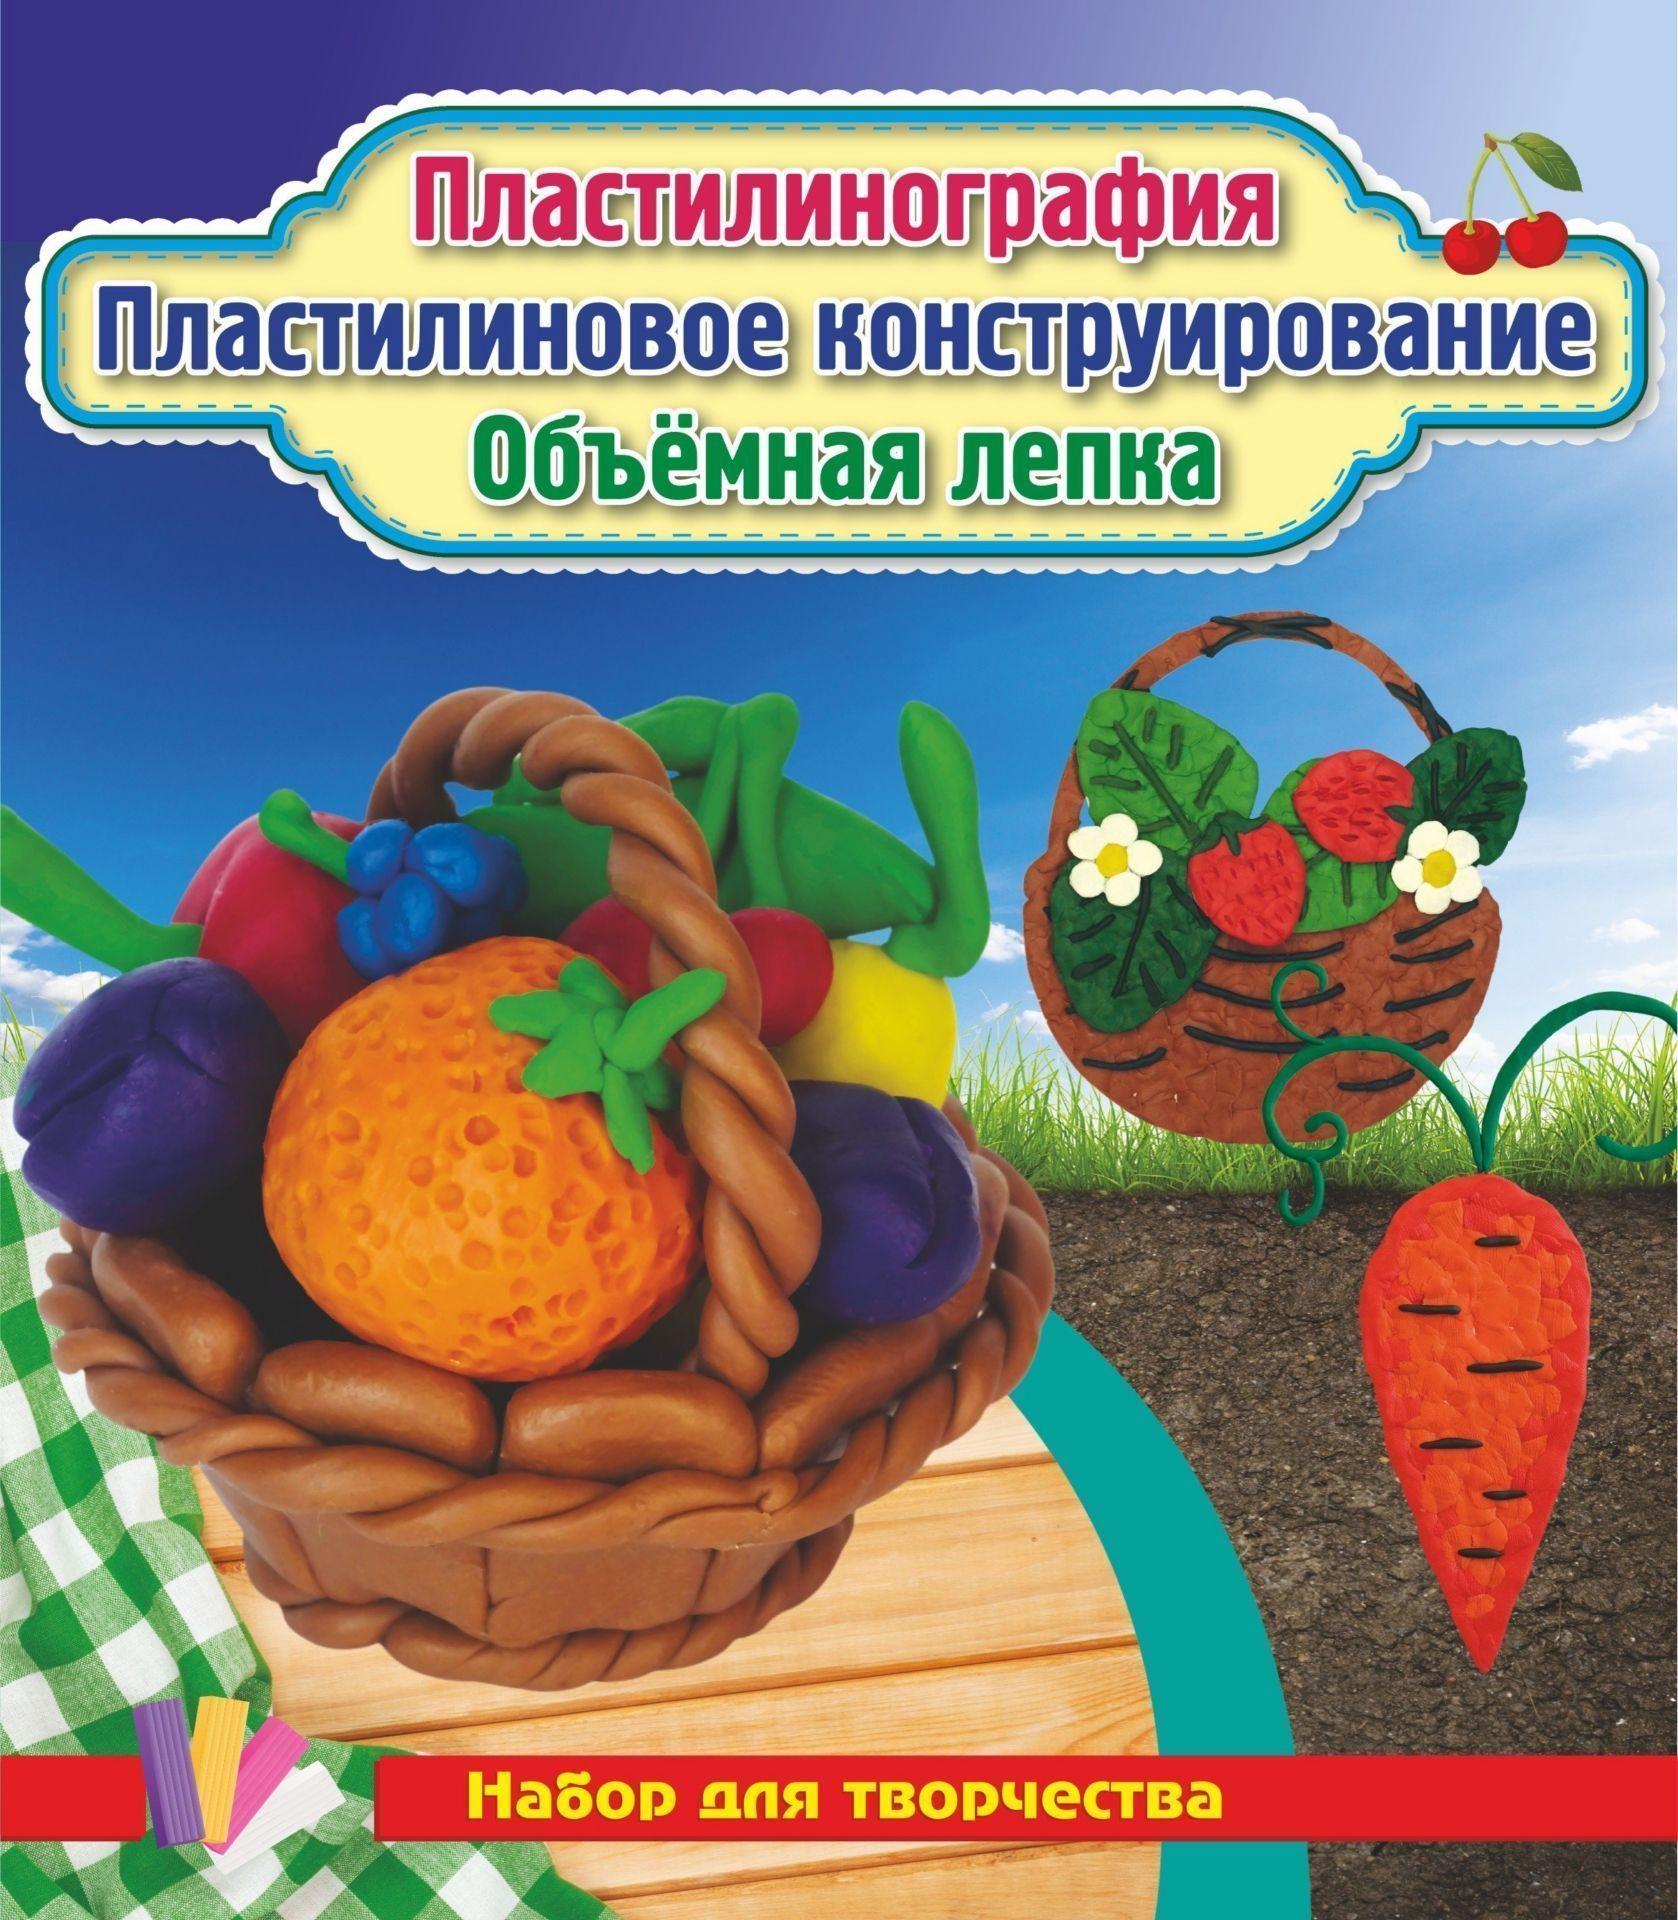 Пластилинография. Пластилиновое конструирование. Объёмная лепка.  Морковь, земляника и корзинка с фруктами: набор в коробочке содержит 3 цветных карточки, 2 карточки-трафарета, брошюра, 1 стека и 12 брусков пластилинаЛепка<br>Набор Морковь, земляника и корзина с фруктами в увлекательной игровой форме познакомит детей с тремя разными технологиями лепки: пластилинографией, объемной лепкой и комбинированной пластилинографией с элементами конструирования. Поэтапно и увлекательно...<br><br>Год: 2018<br>Серия: Набор для творчества<br>Высота: 230<br>Ширина: 200<br>Толщина: 40<br>Переплёт: набор